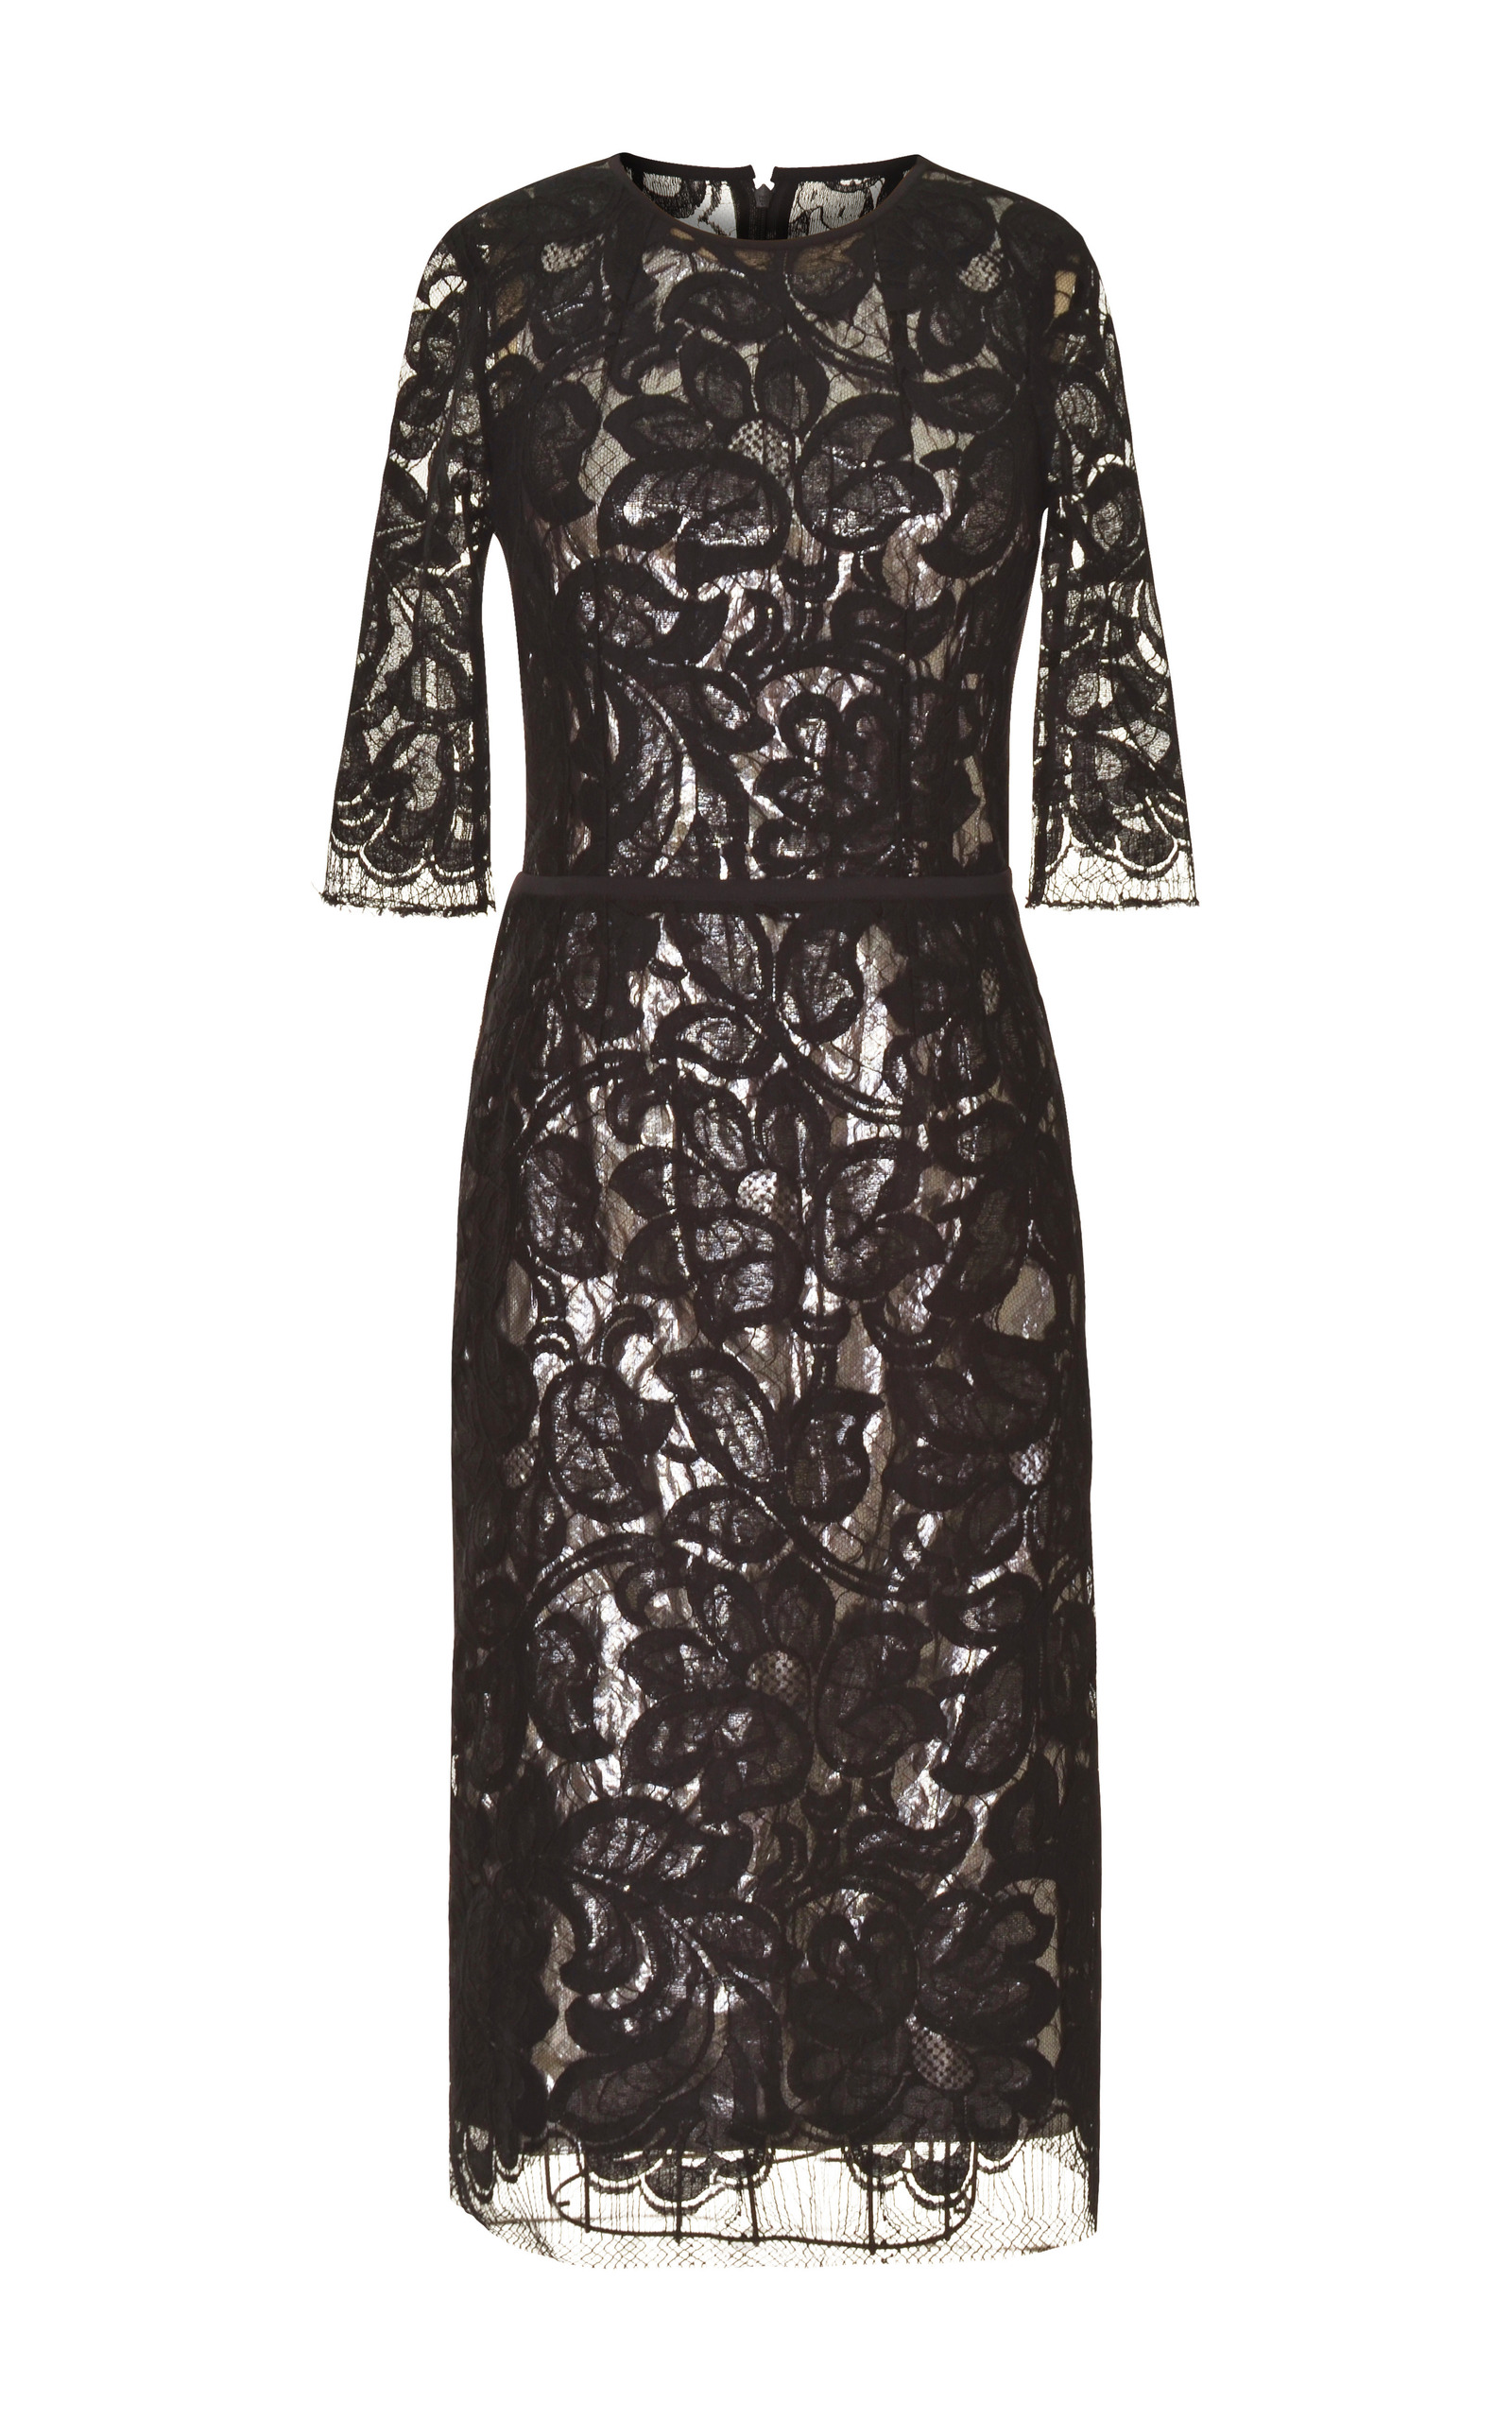 E vie black dress 1930s